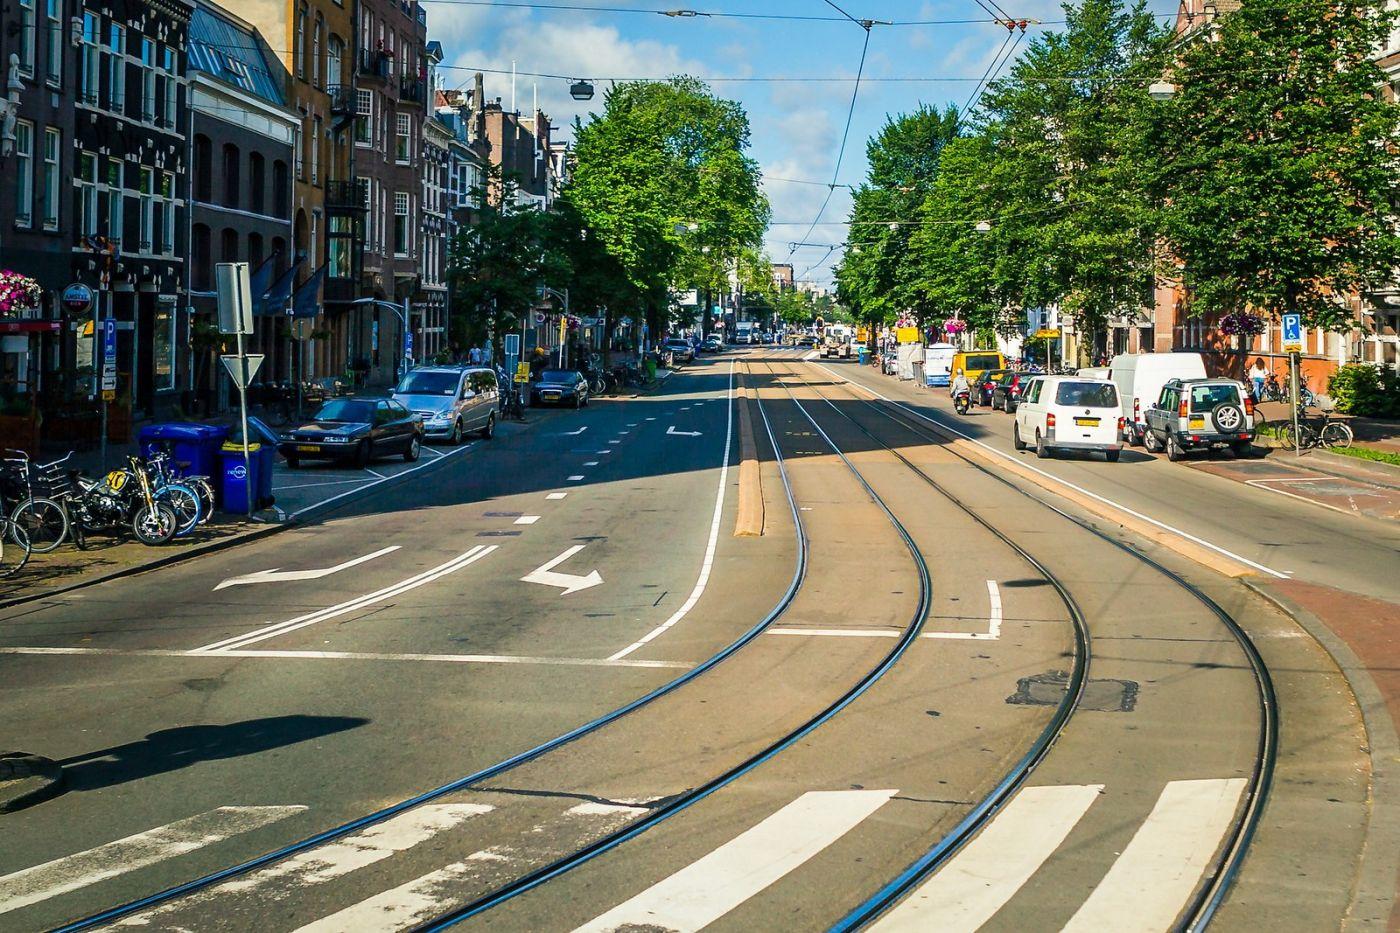 荷兰阿姆斯特丹,穿梭的自行车_图1-4